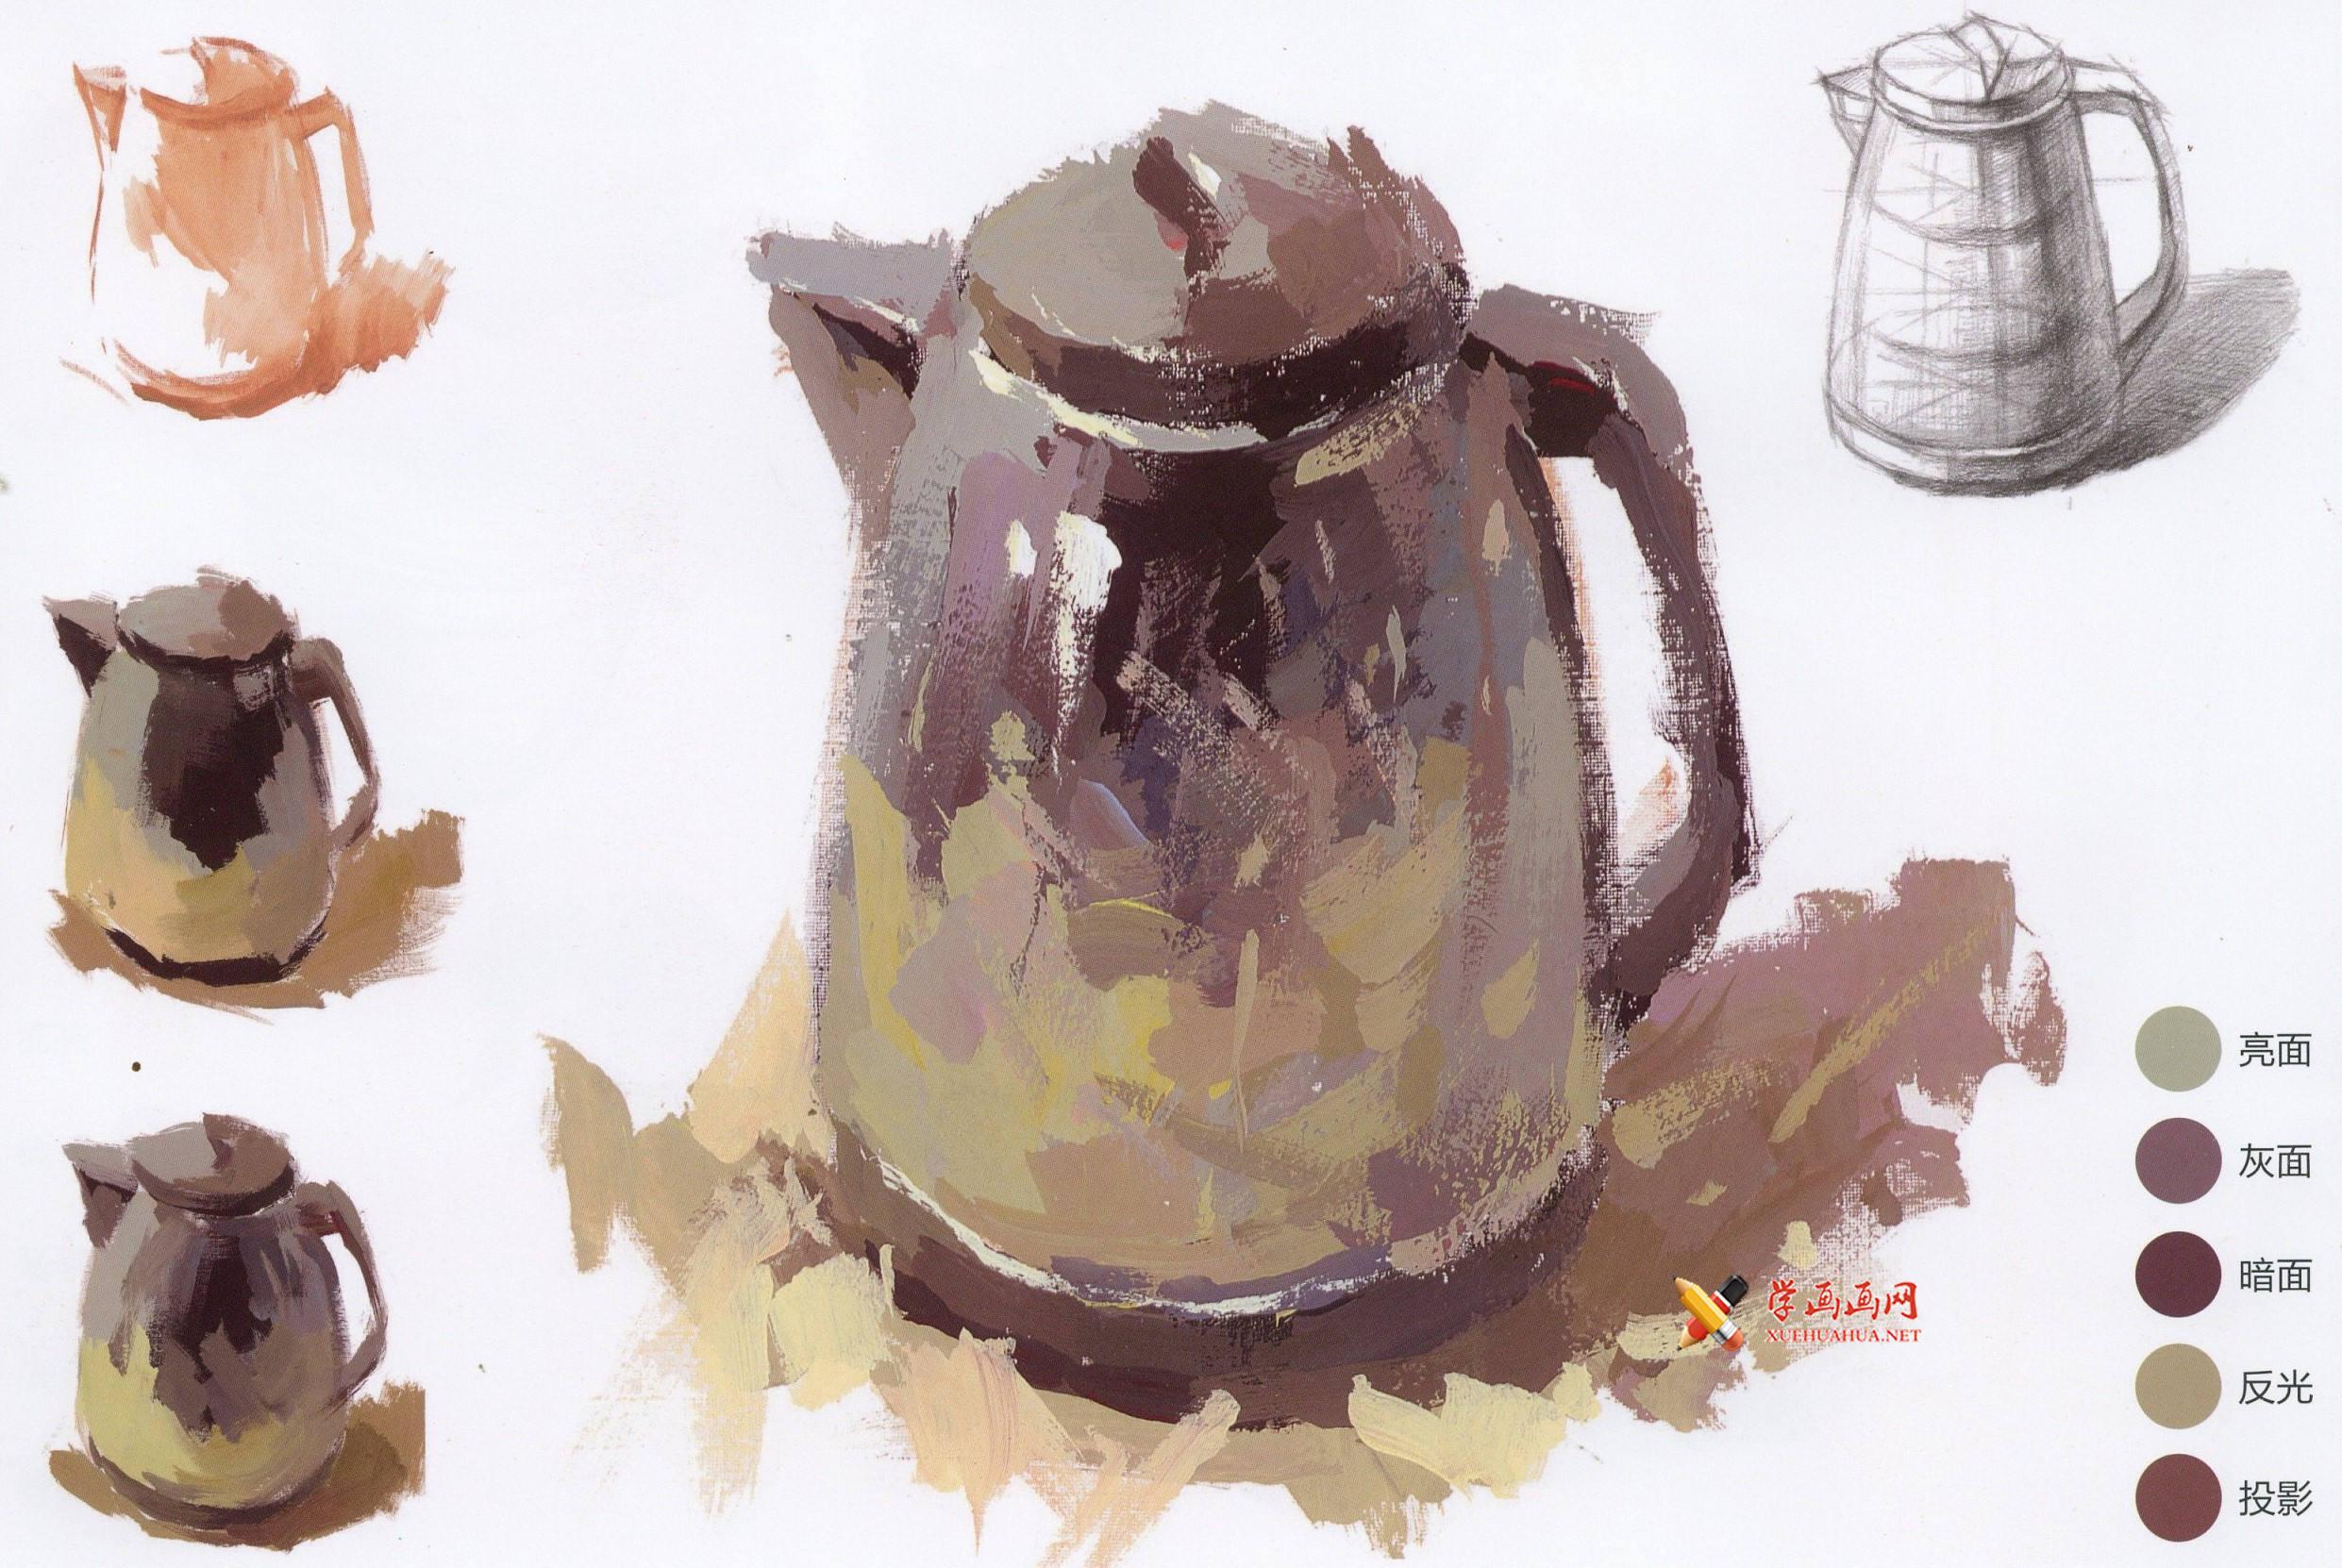 水粉画单体:不锈钢水壶的画法范画及简要过程图(1)